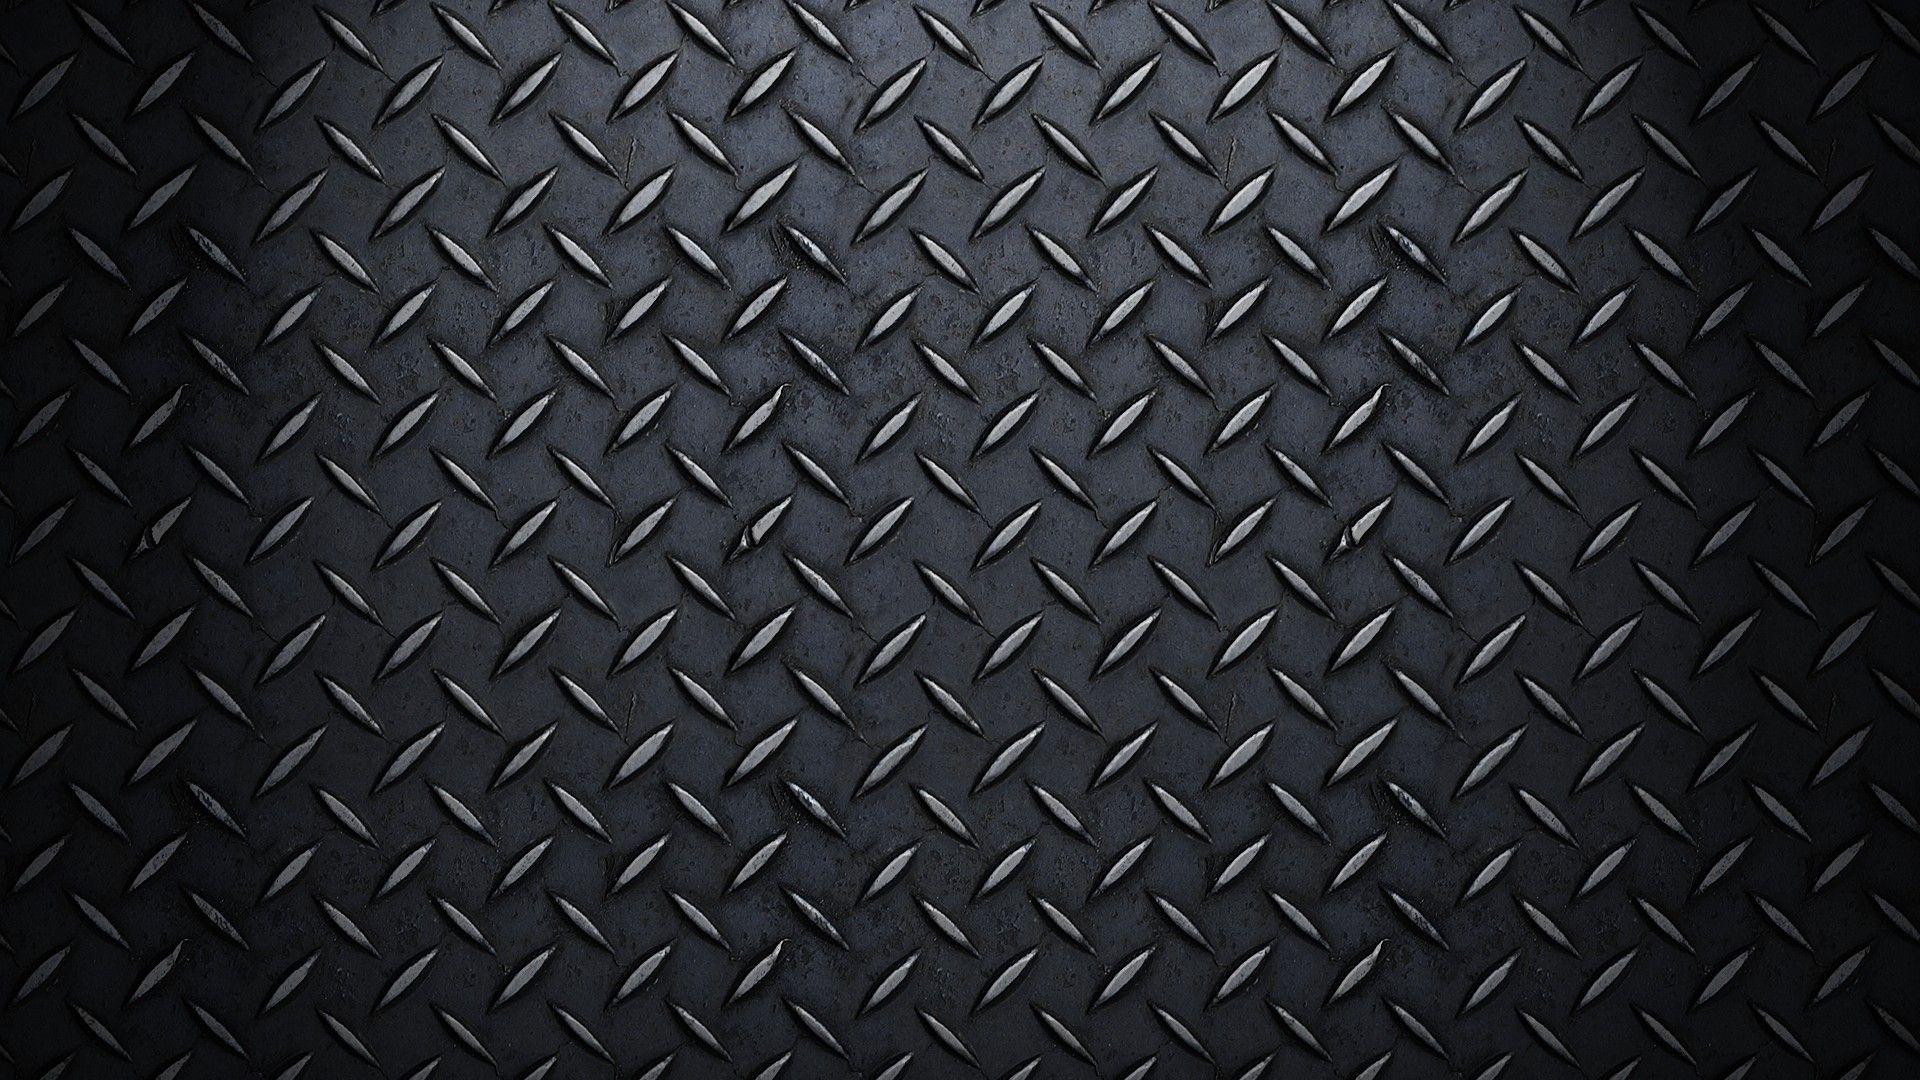 Textures smartphone hd wallpaper hq backgrounds hd wallpapers textures smartphone hd wallpaper hq backgrounds hd wallpapers voltagebd Images